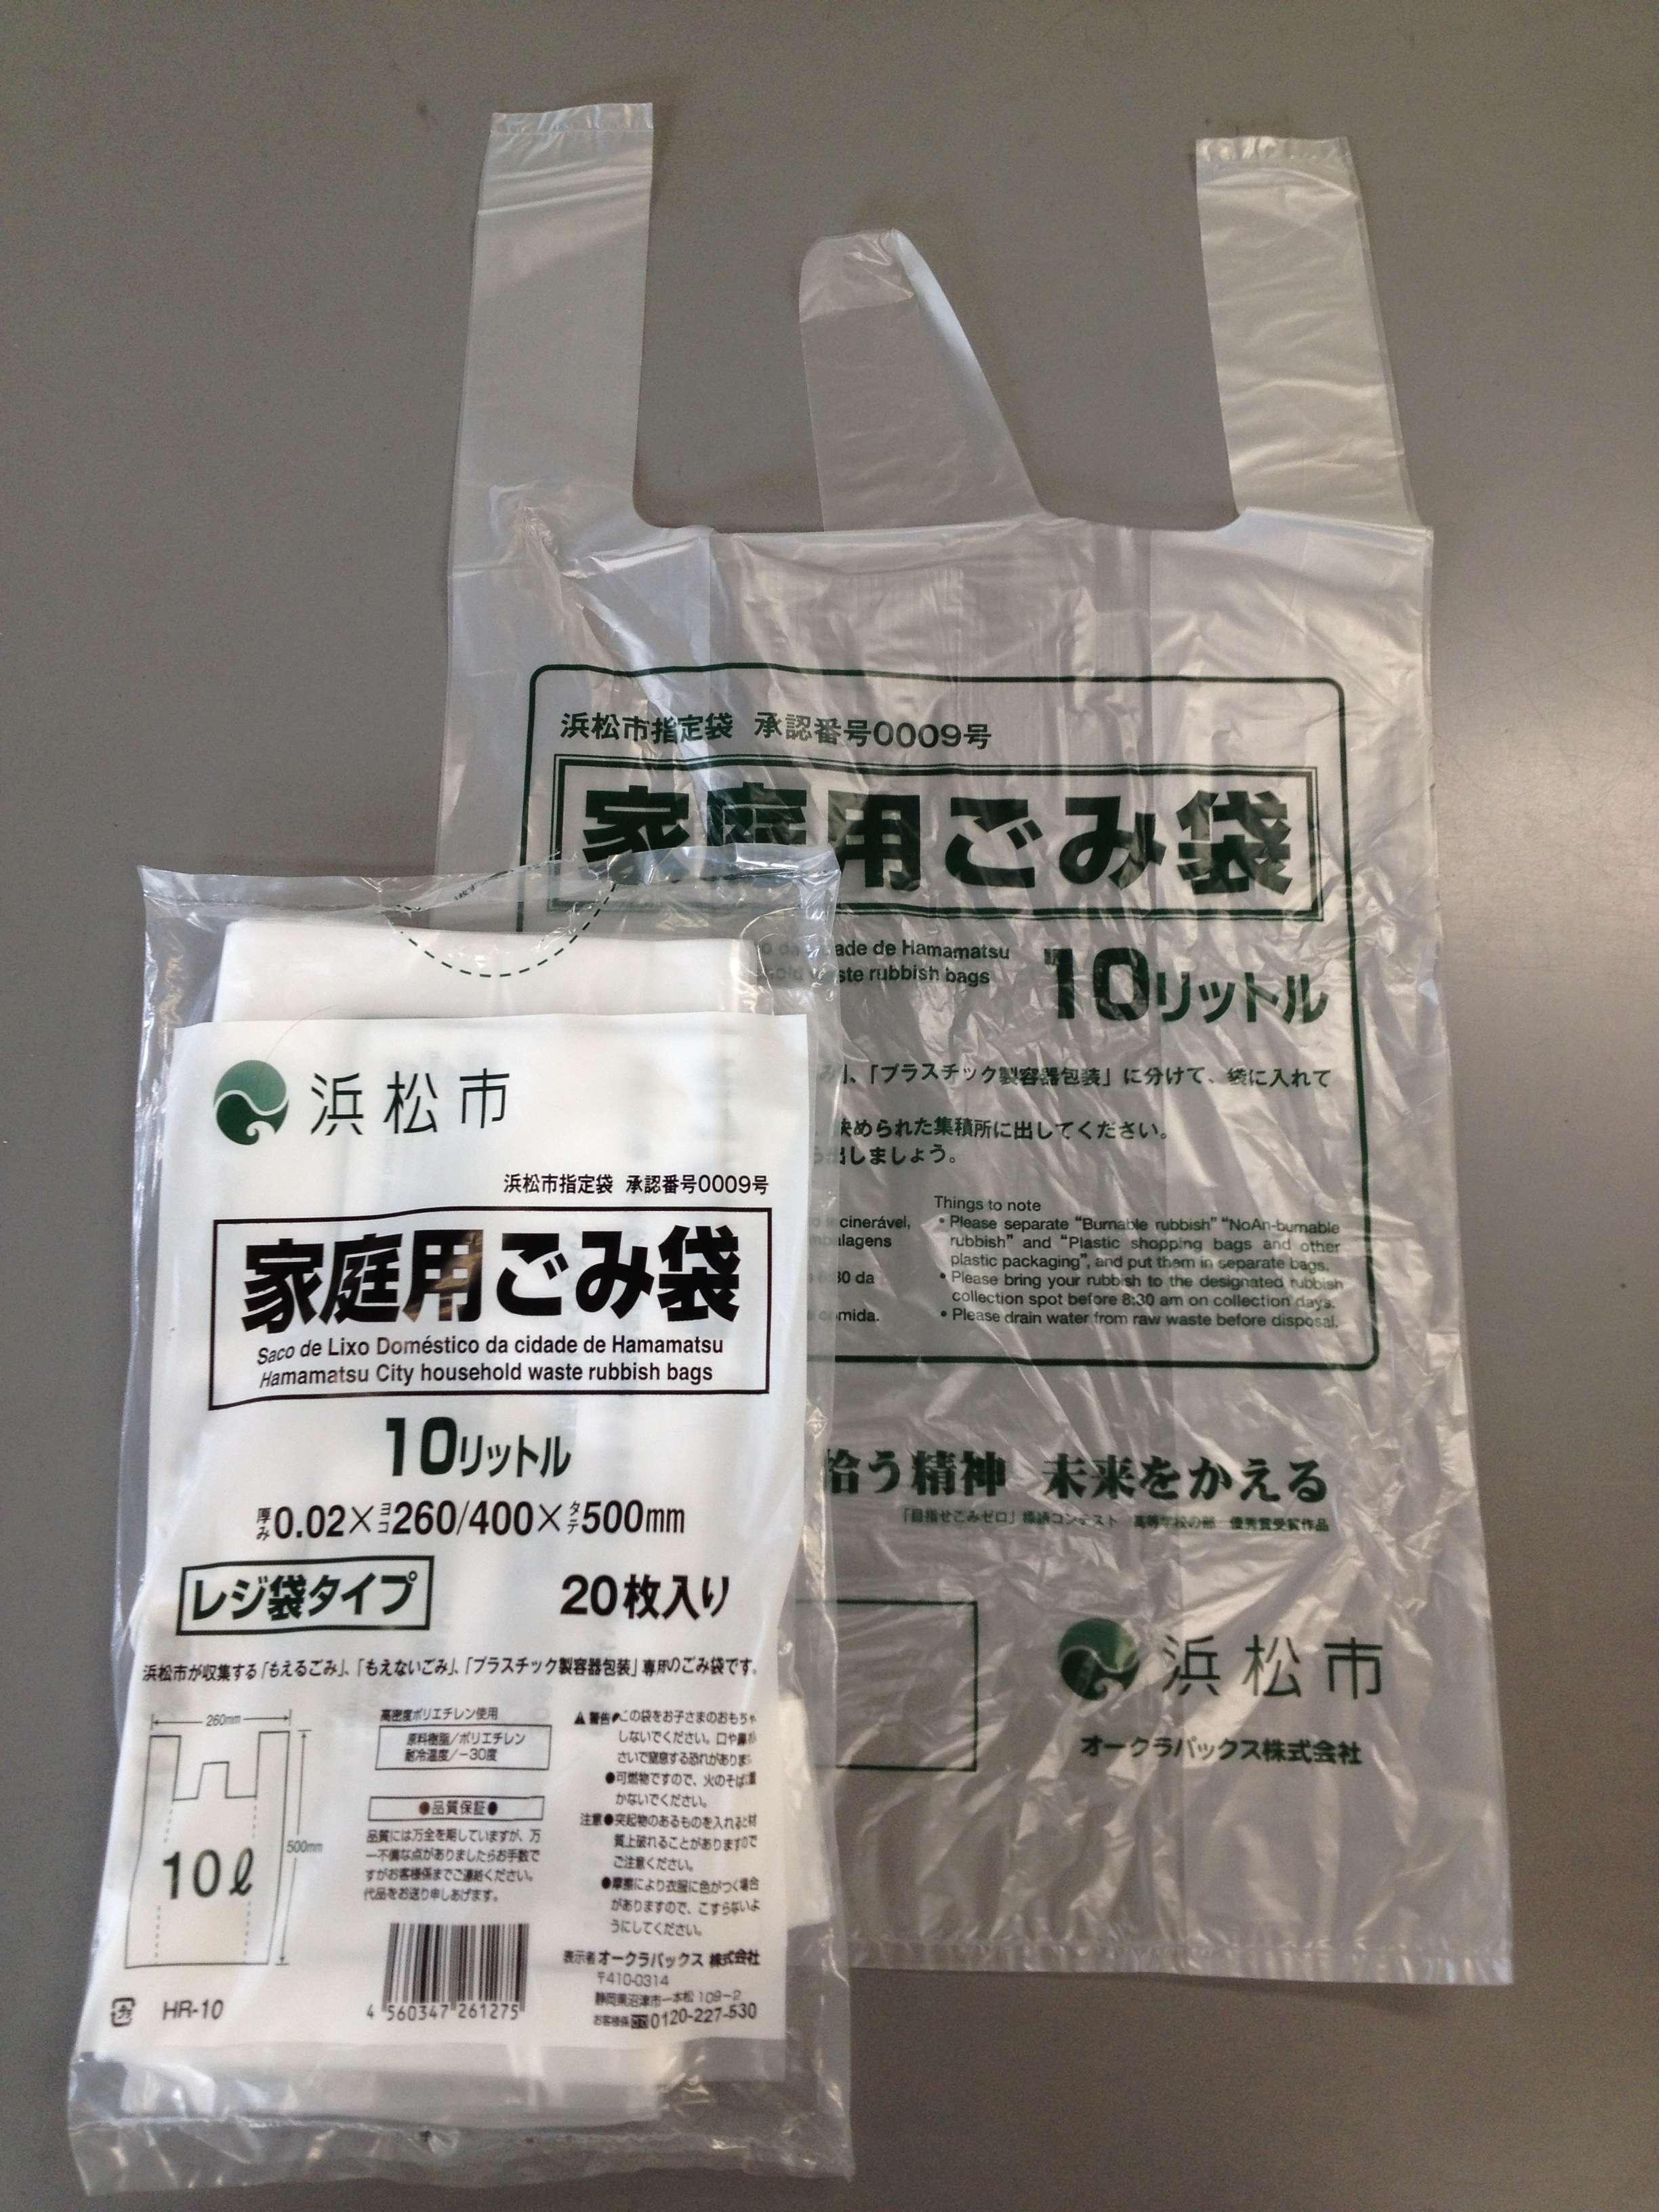 中 区 カレンダー 浜松 市 ゴミ